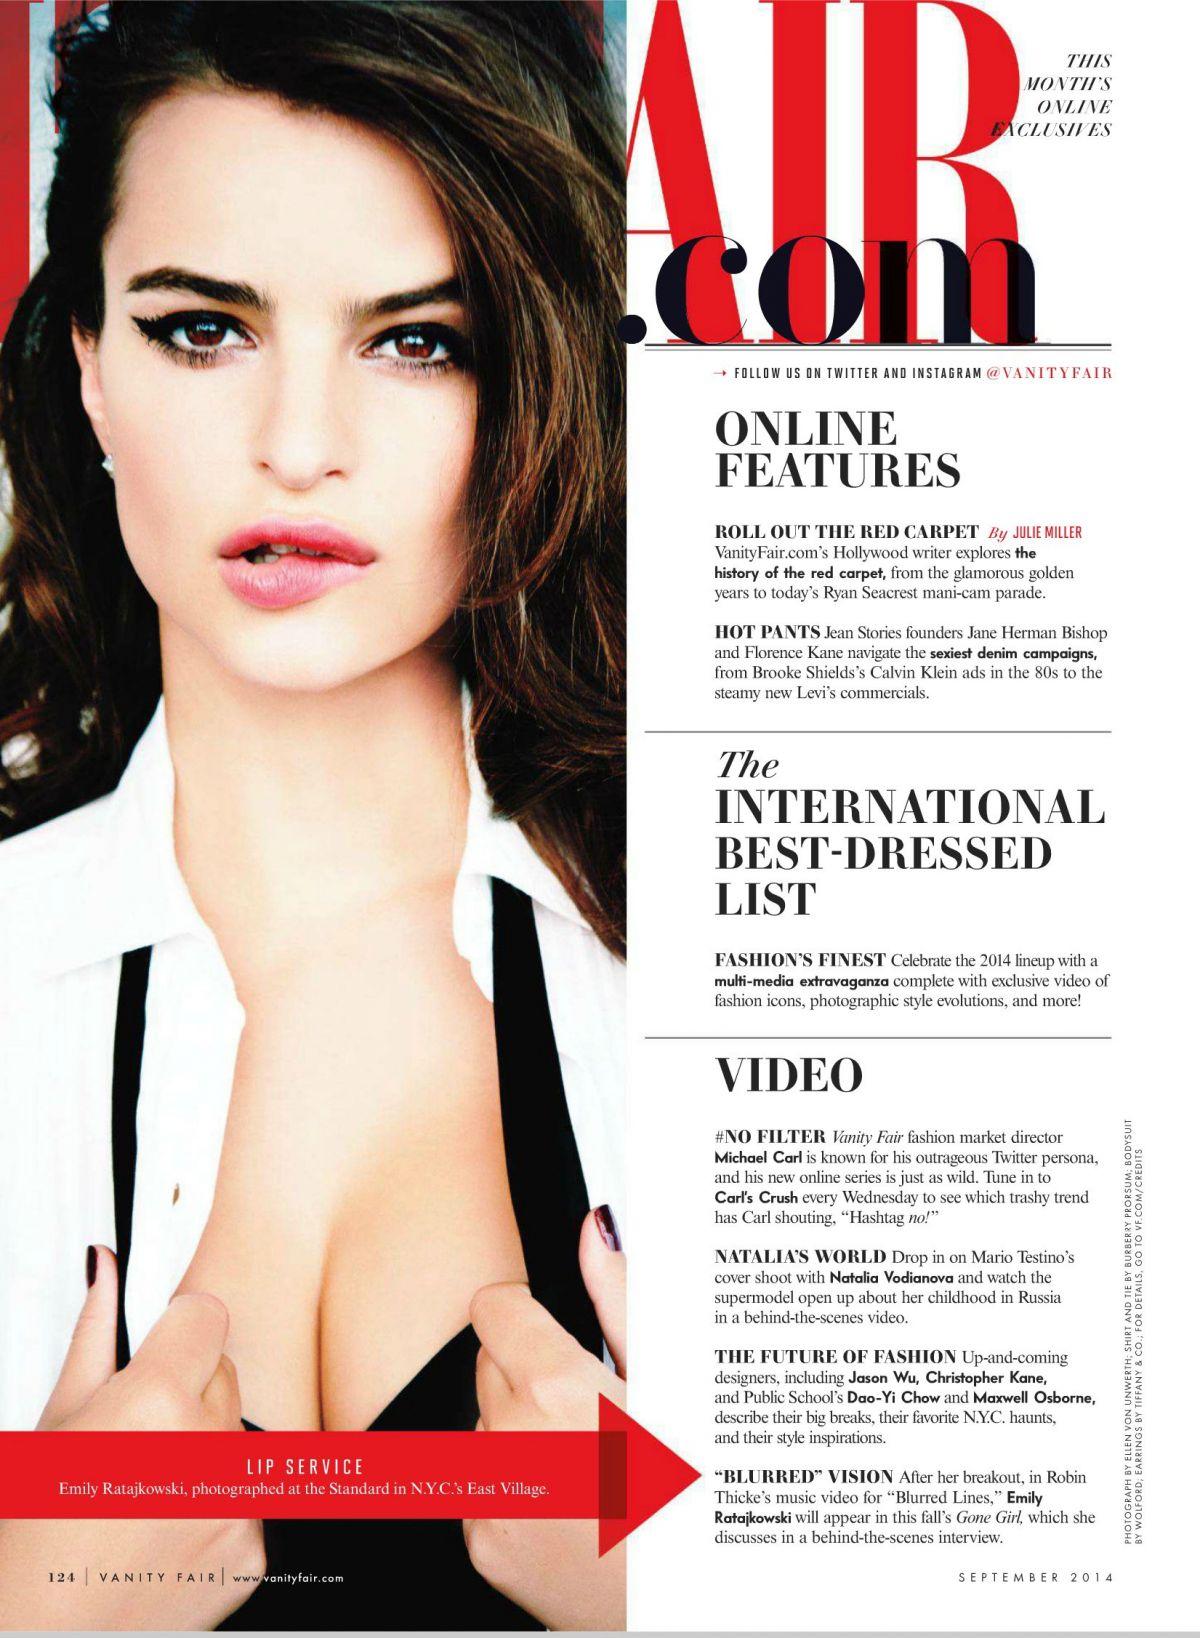 EMILY RATAJKOWSKI in Vanity Fair Magazine, September 2014 ...